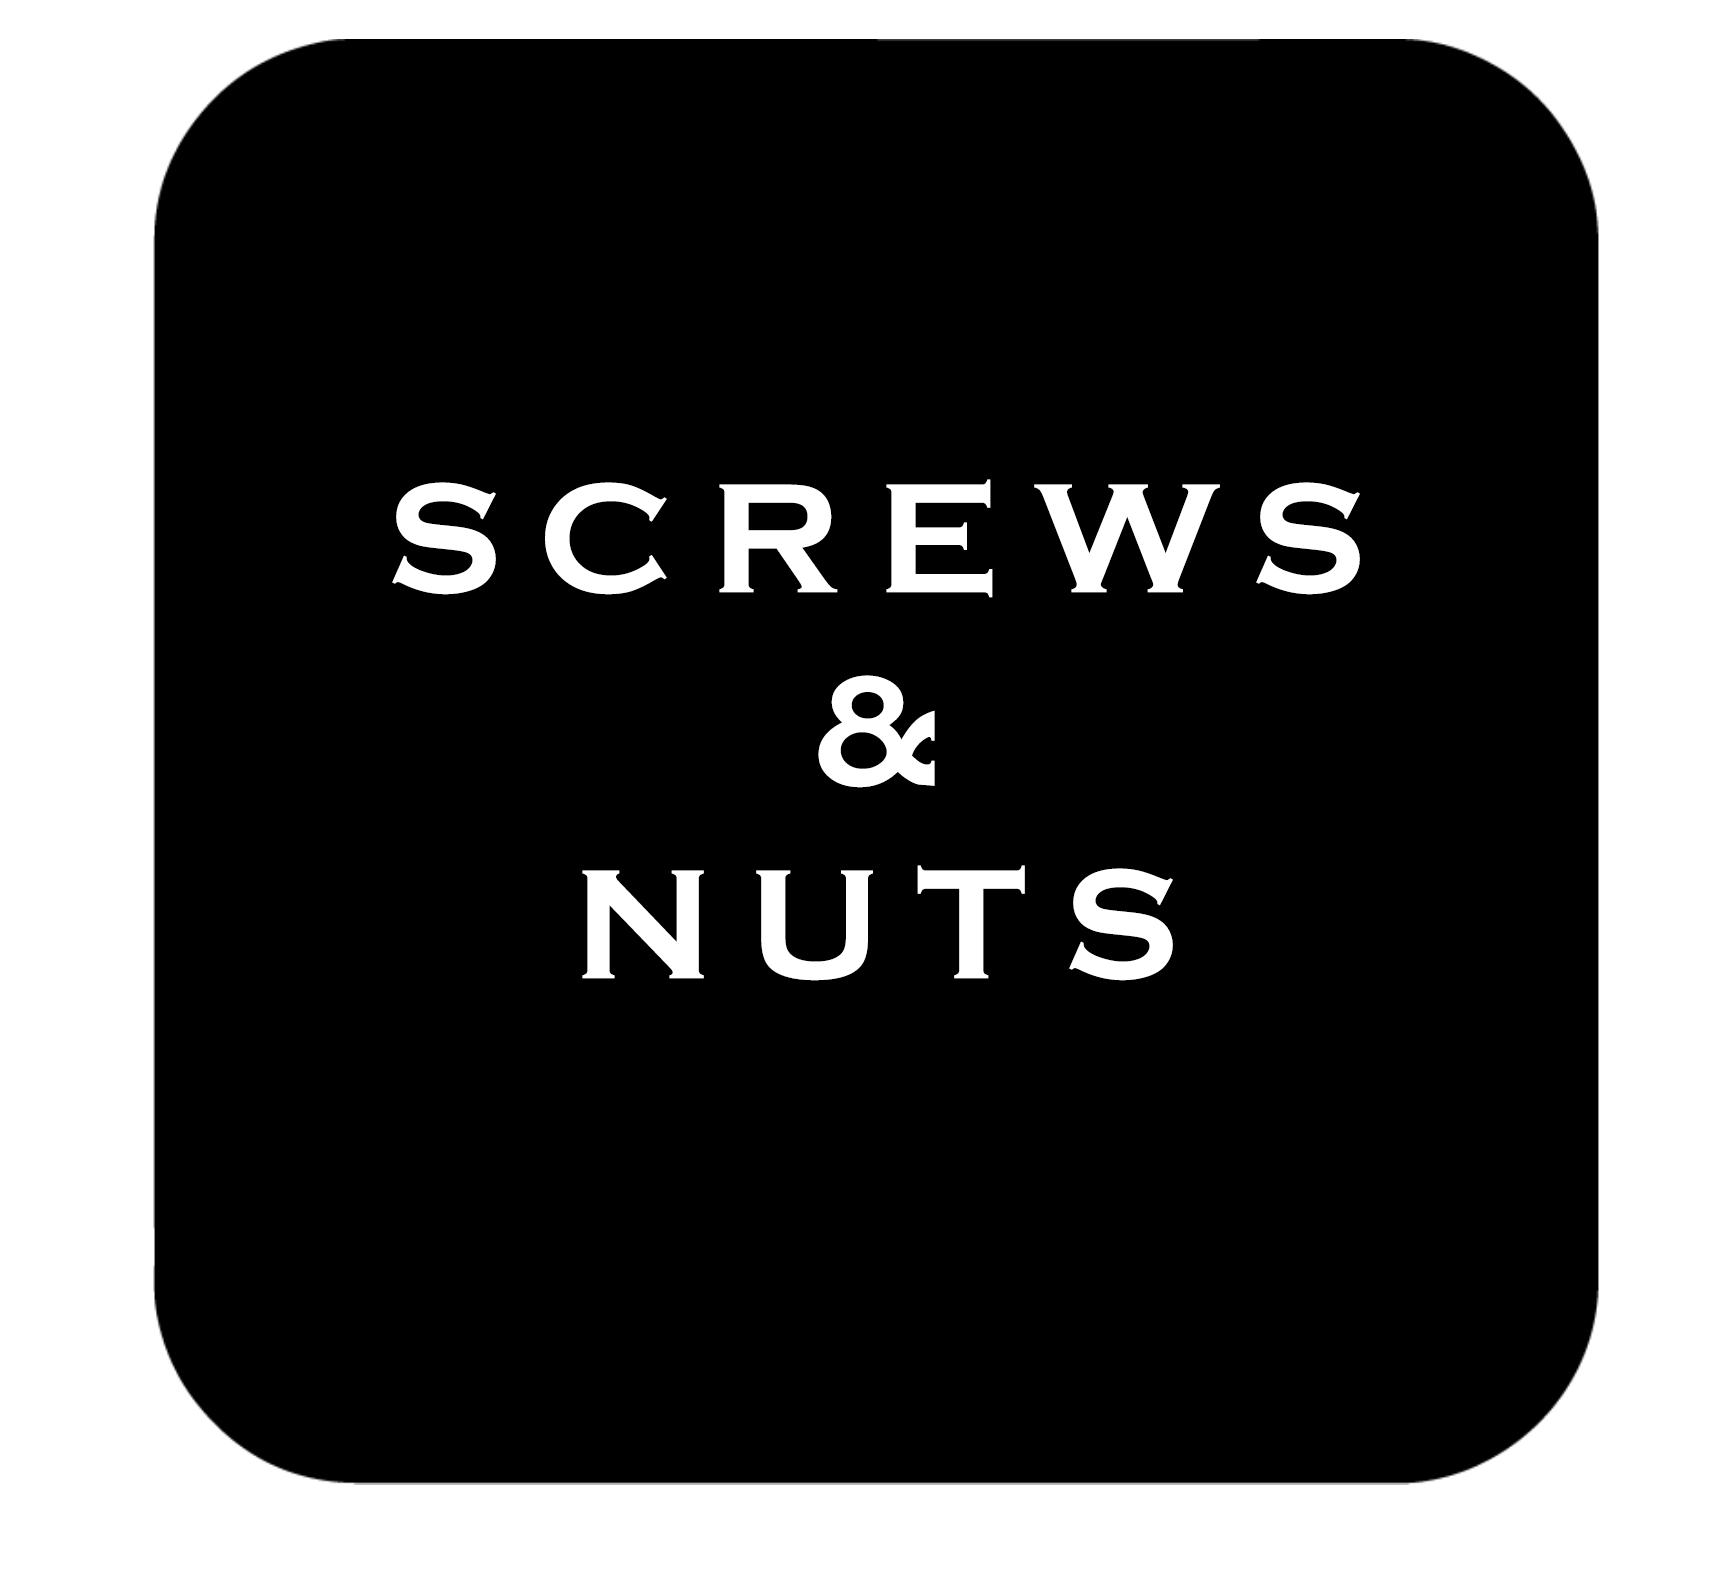 SCREWS & NUTS